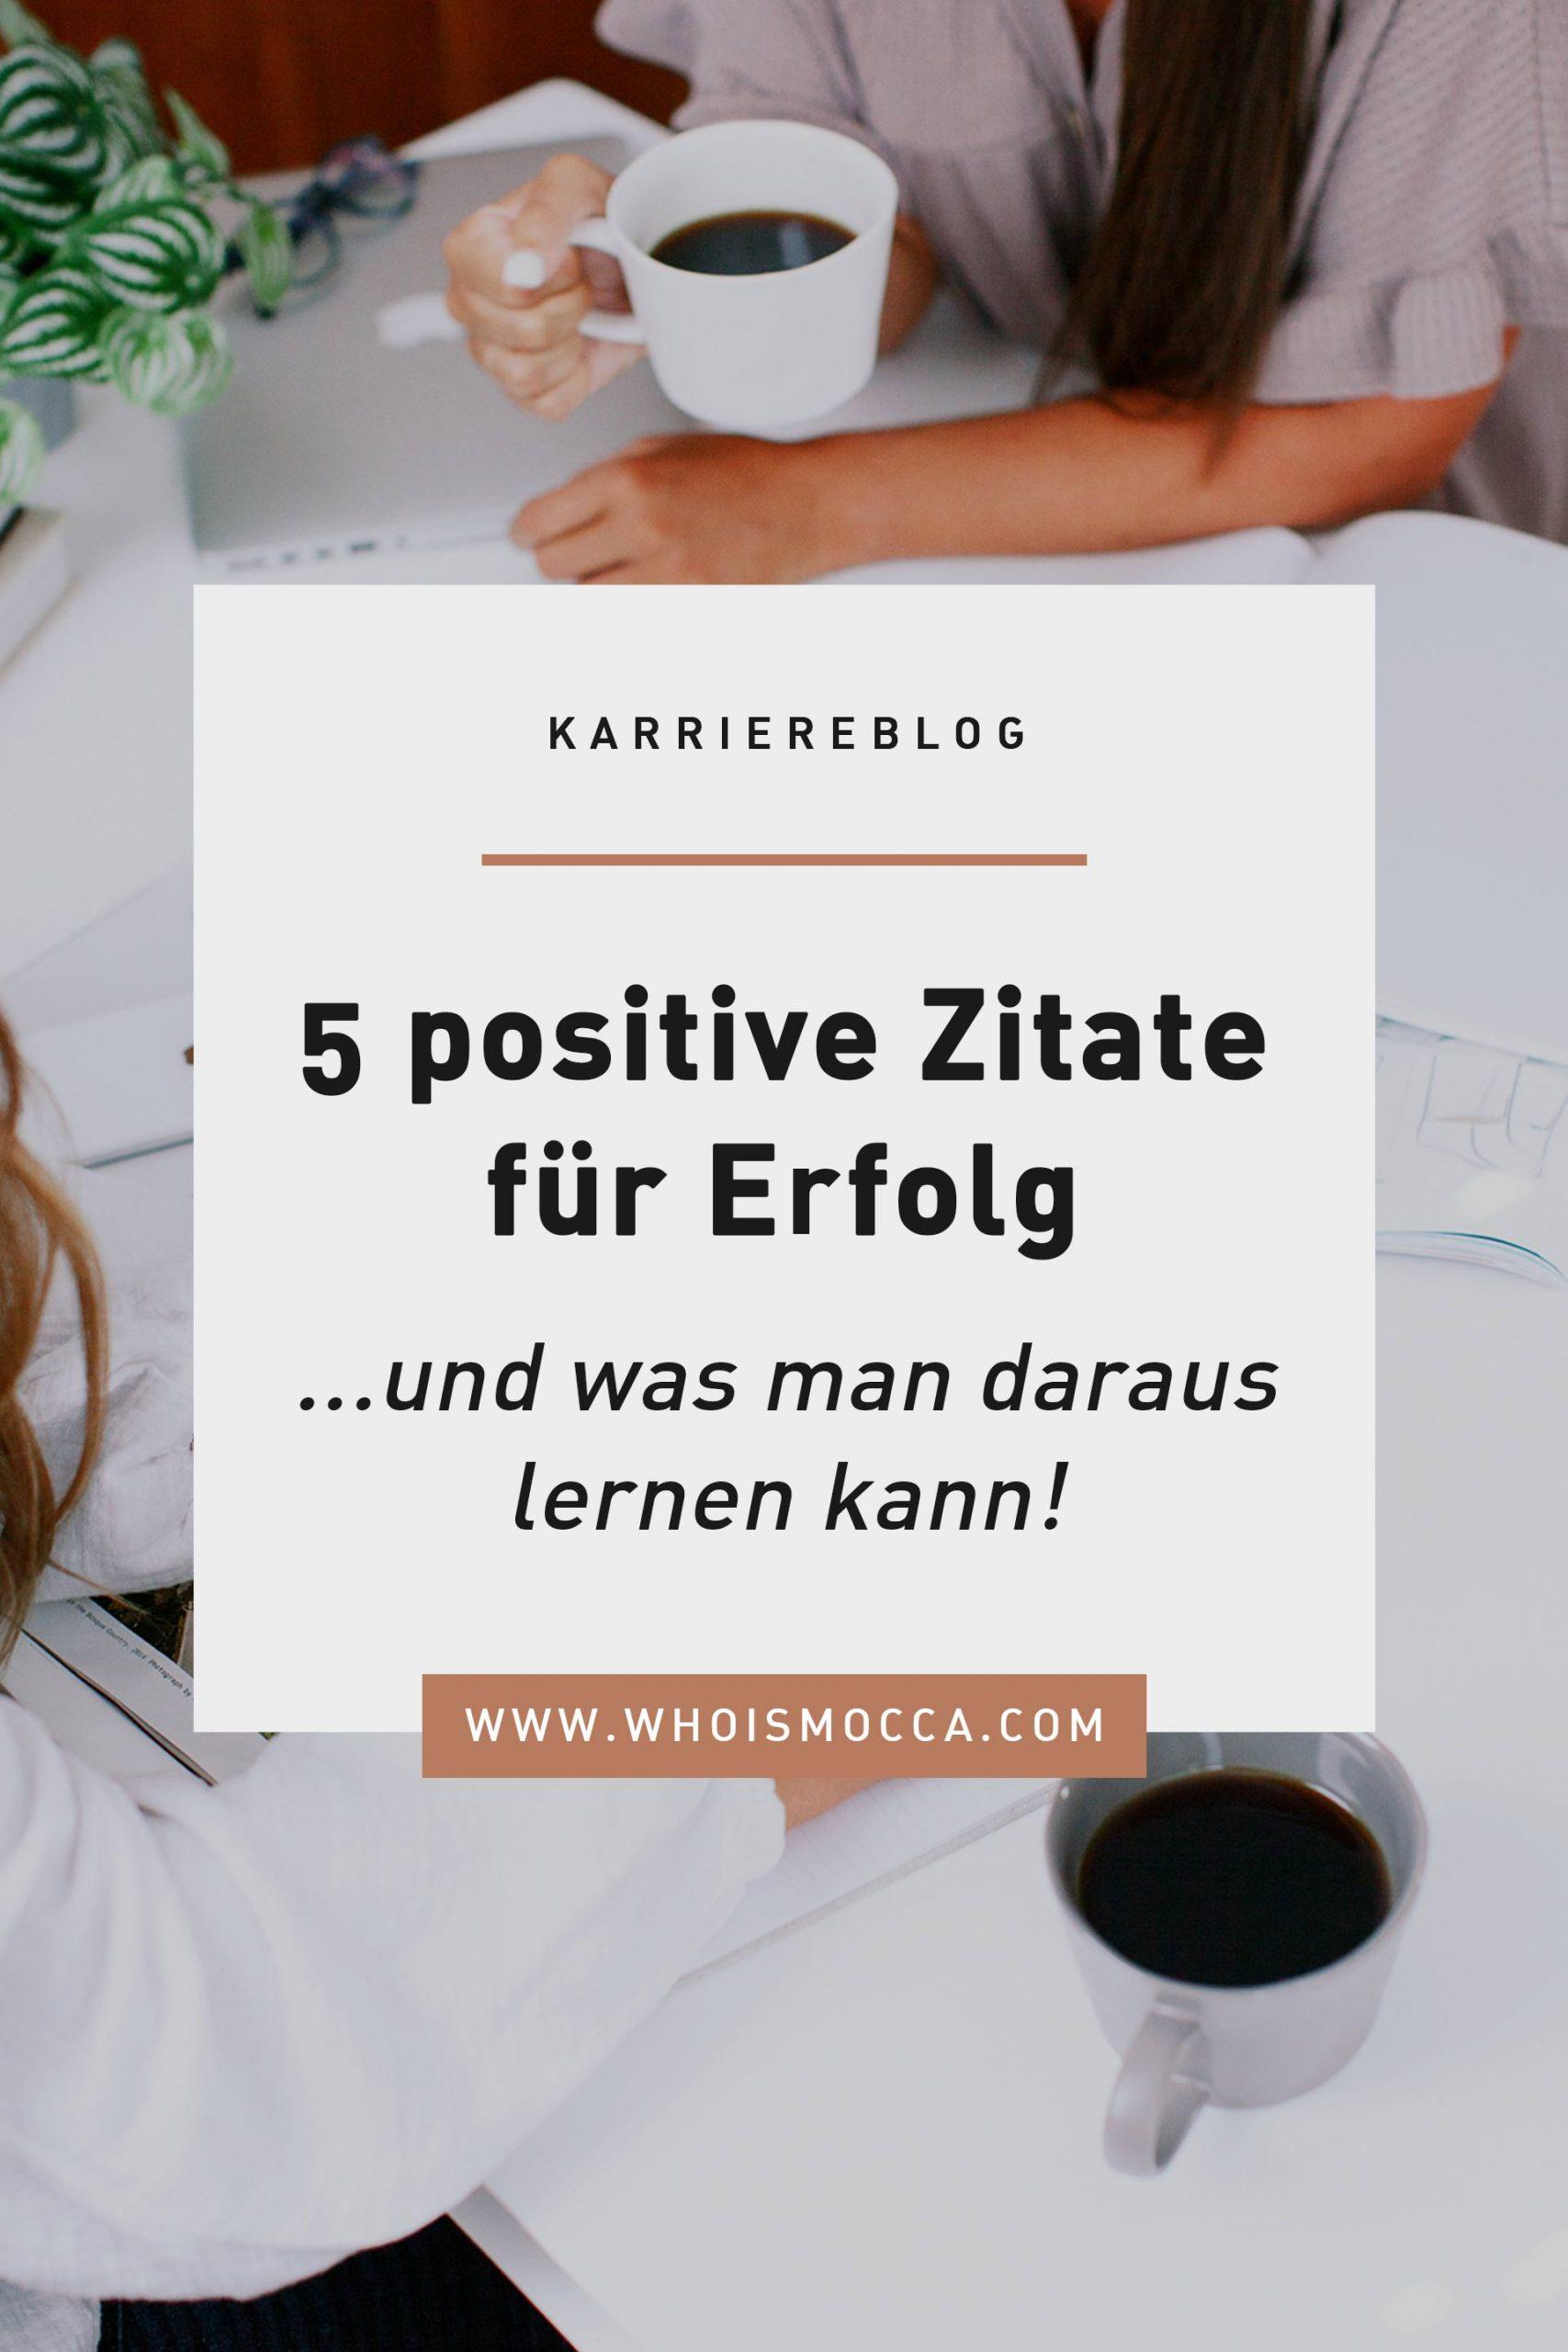 Zitate können wirklich gehaltvoll sein! Deshalb möchte ich dir heute am Karriere Blog 5 positive Zitate für Erfolgvorstellen, die mich im Alltag inspirieren! www.whoismocca.com